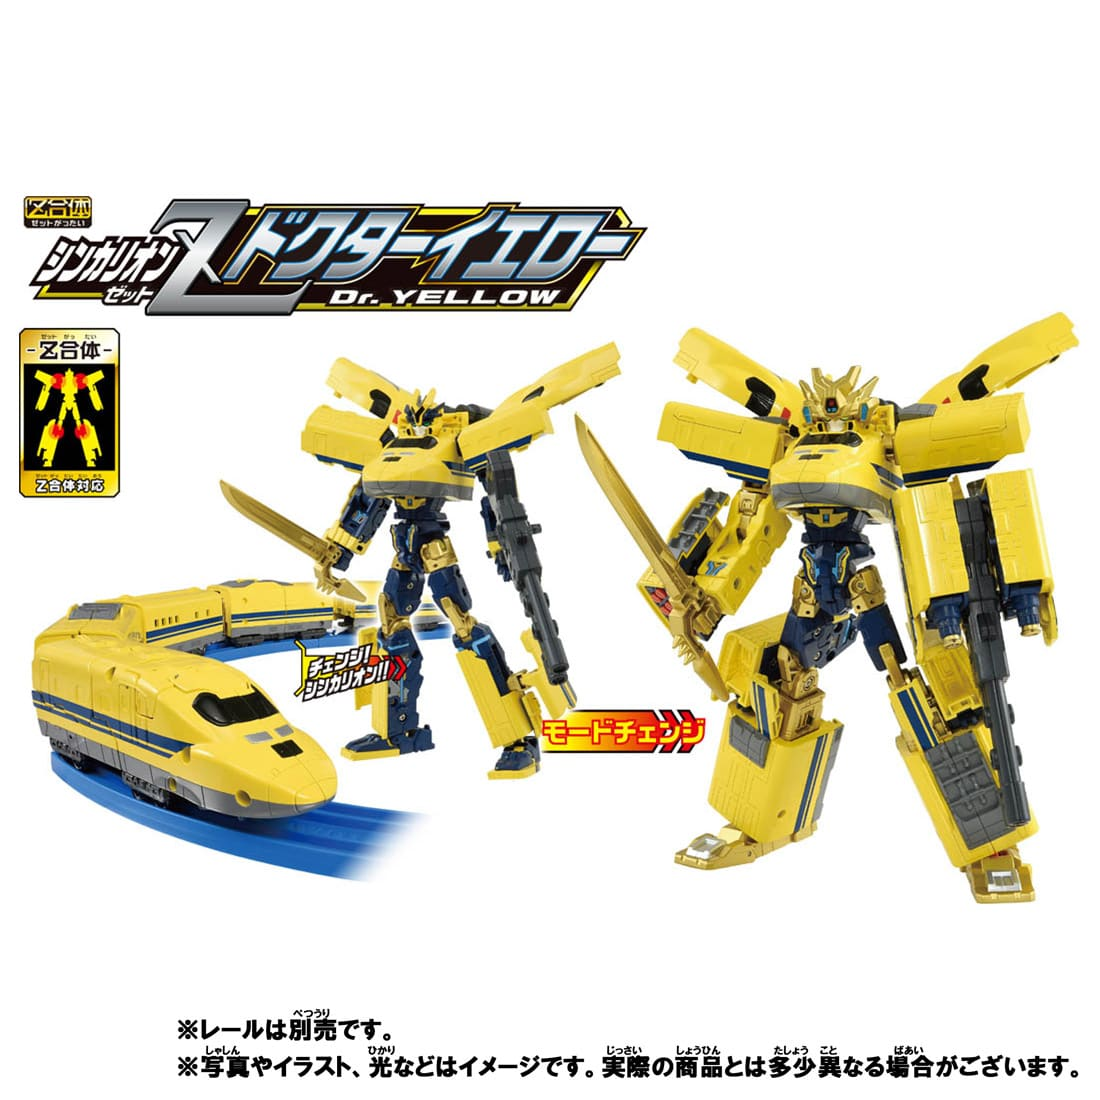 新幹線変形ロボ シンカリオンZ『シンカリオンZ ドクターイエロー』可変合体プラレール-002